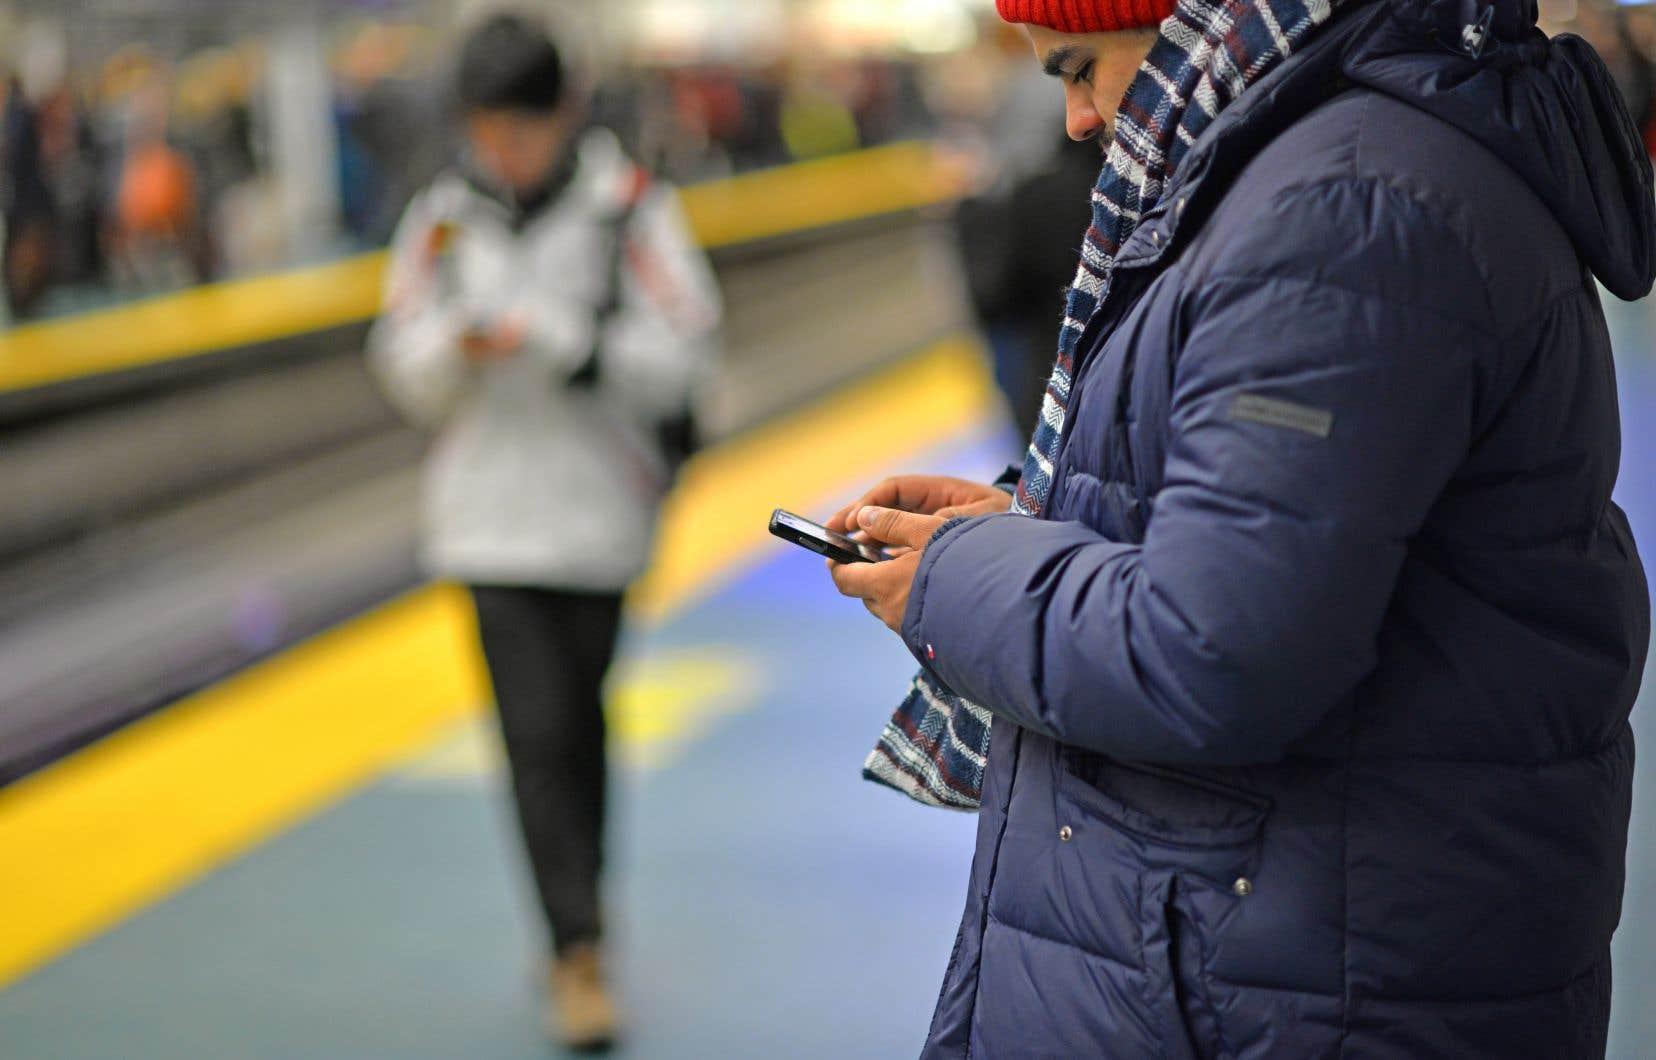 Facebook est devenu la première source d'information d'un bon nombre de citoyens (44% des Américains y tirent l'essentiel de leurs informations).